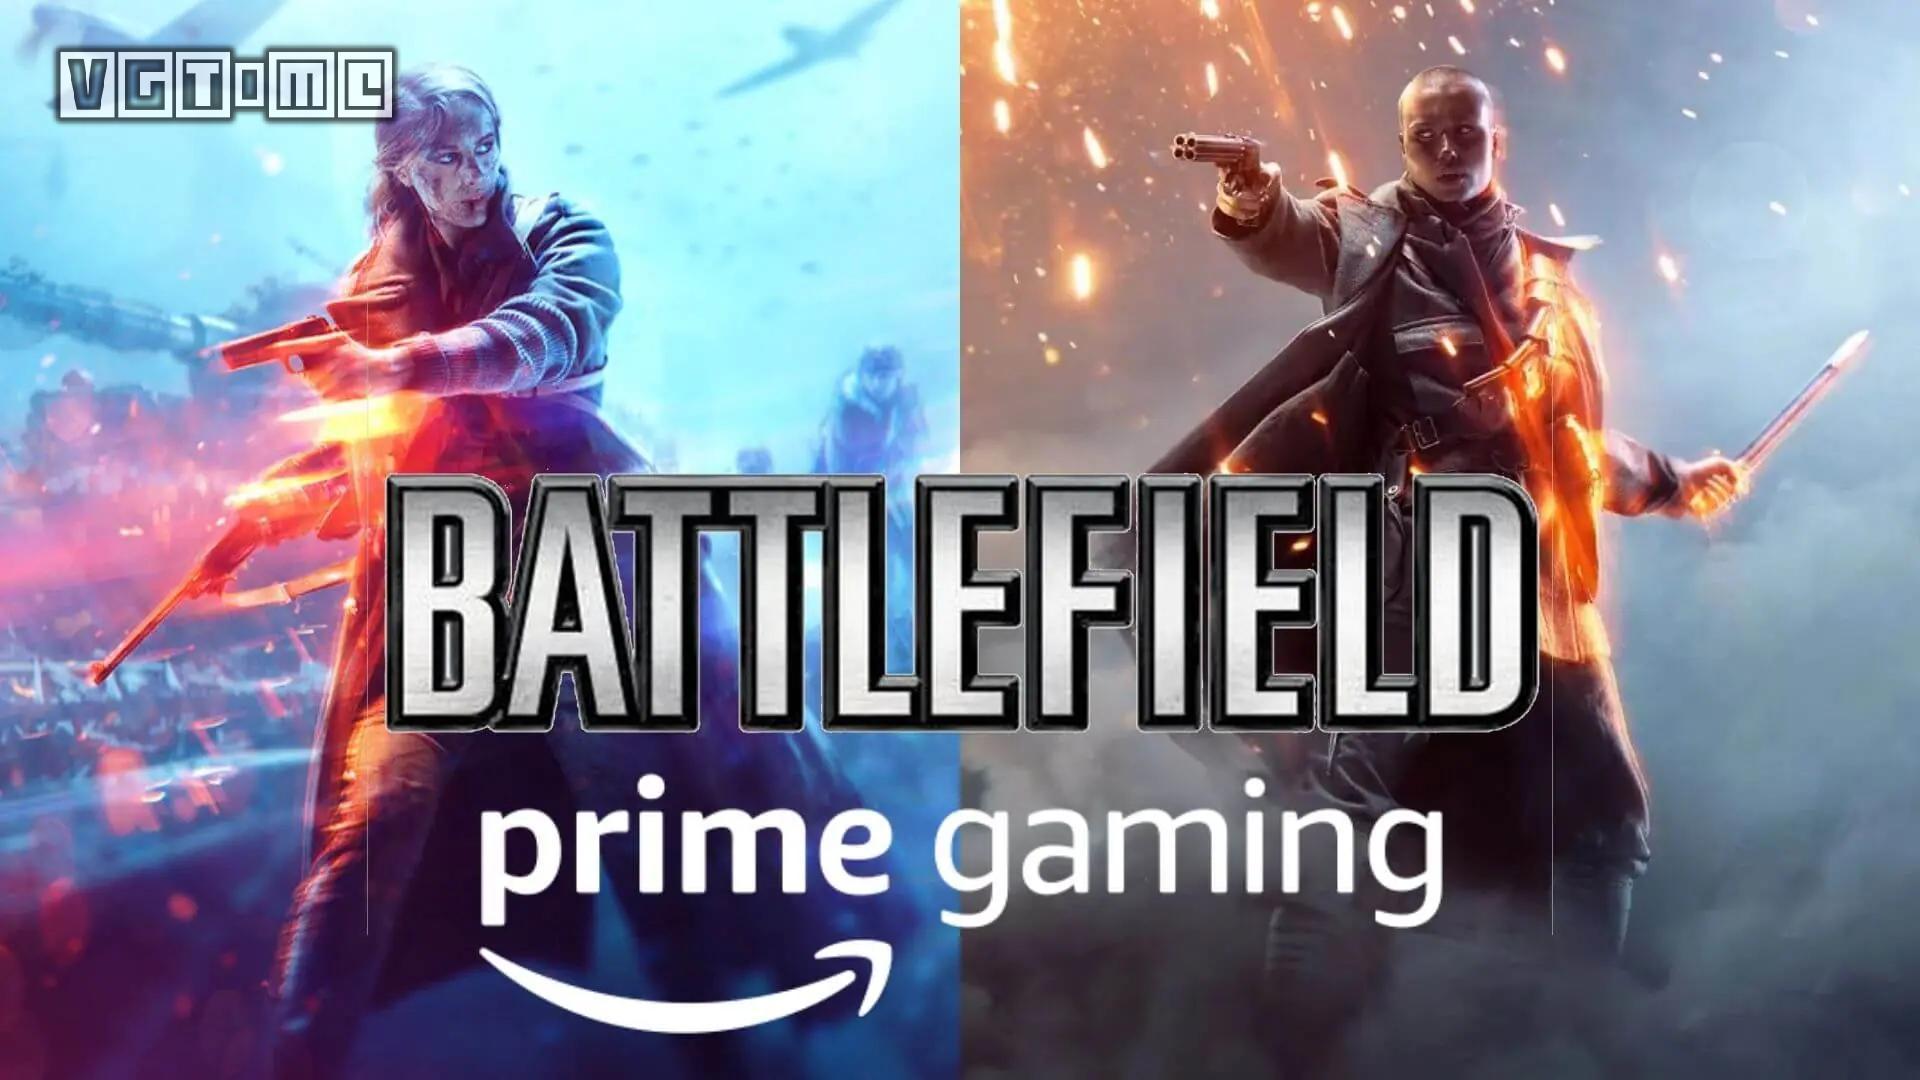 亚马逊Prime Gaming会员现可免费领取《战地1》